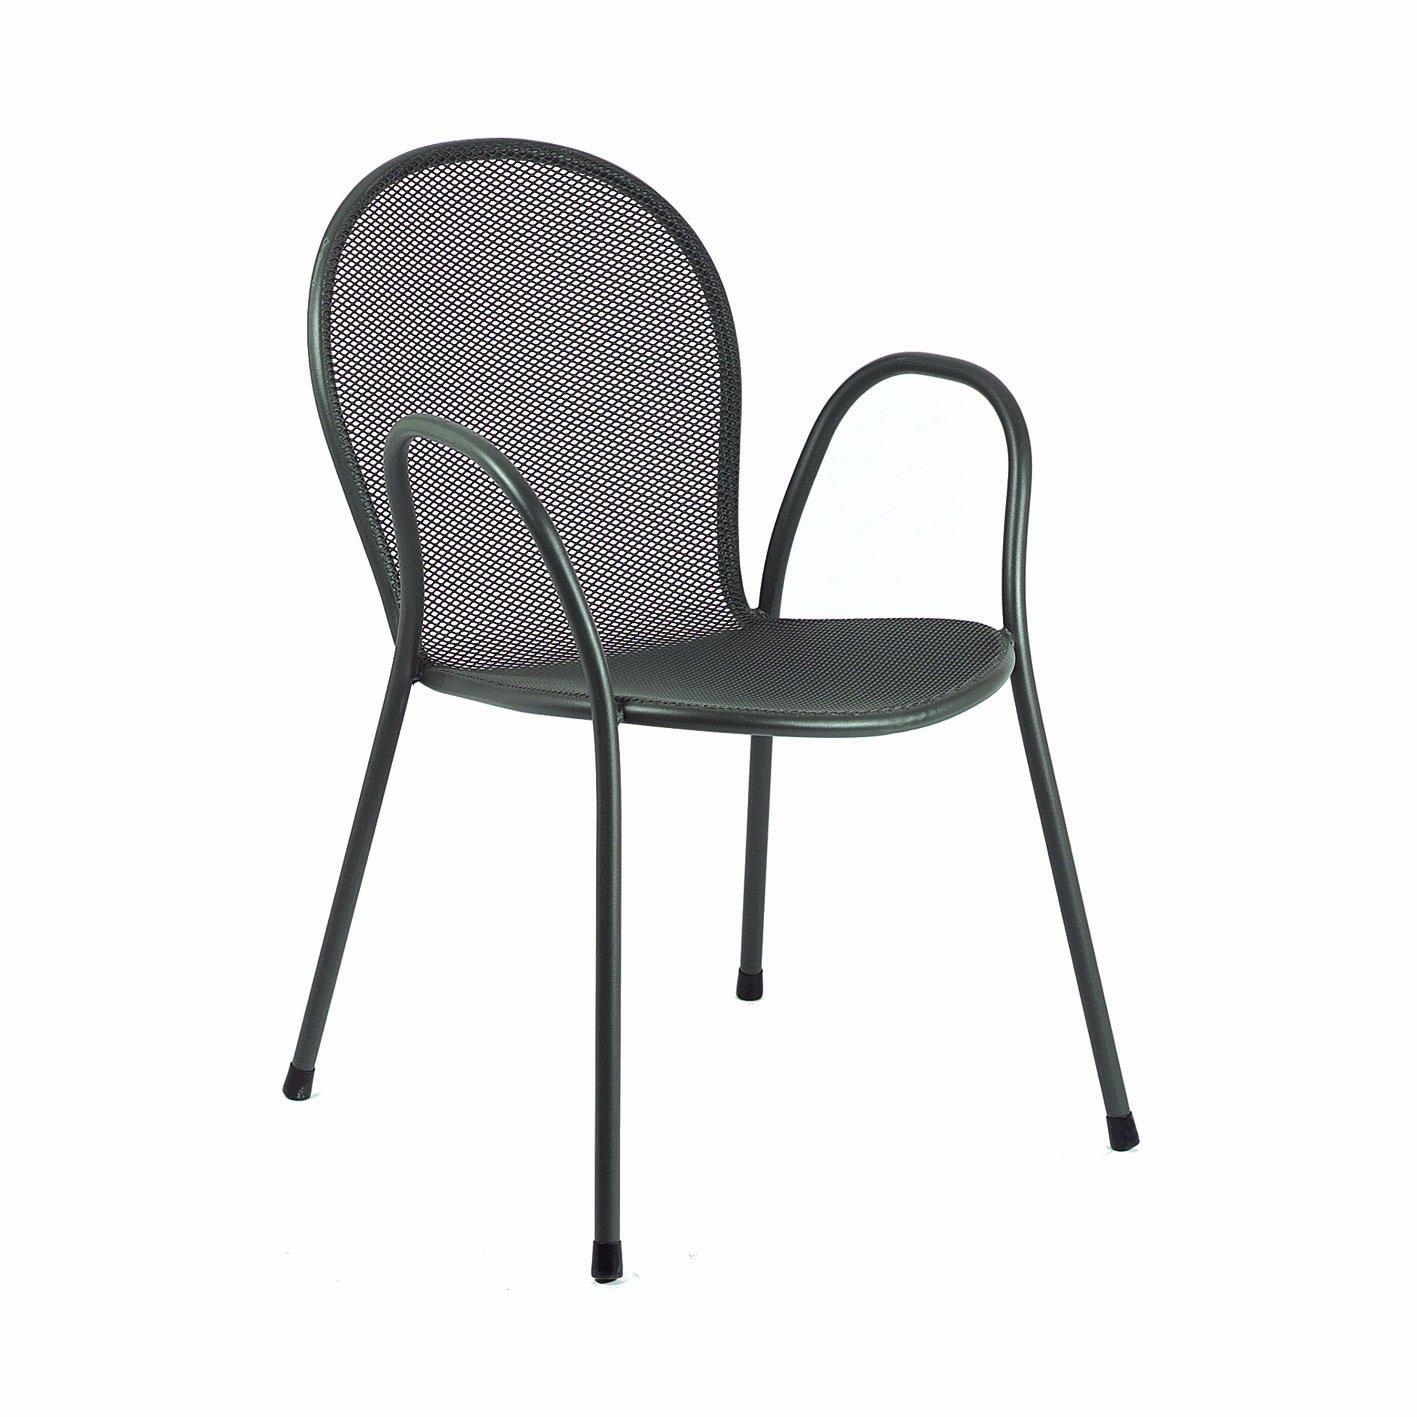 Emu Group Spa 301162200I4 Stapelstuhl Ronda 116I4, Pulverbeschichteter Stahl, antikeisen online bestellen